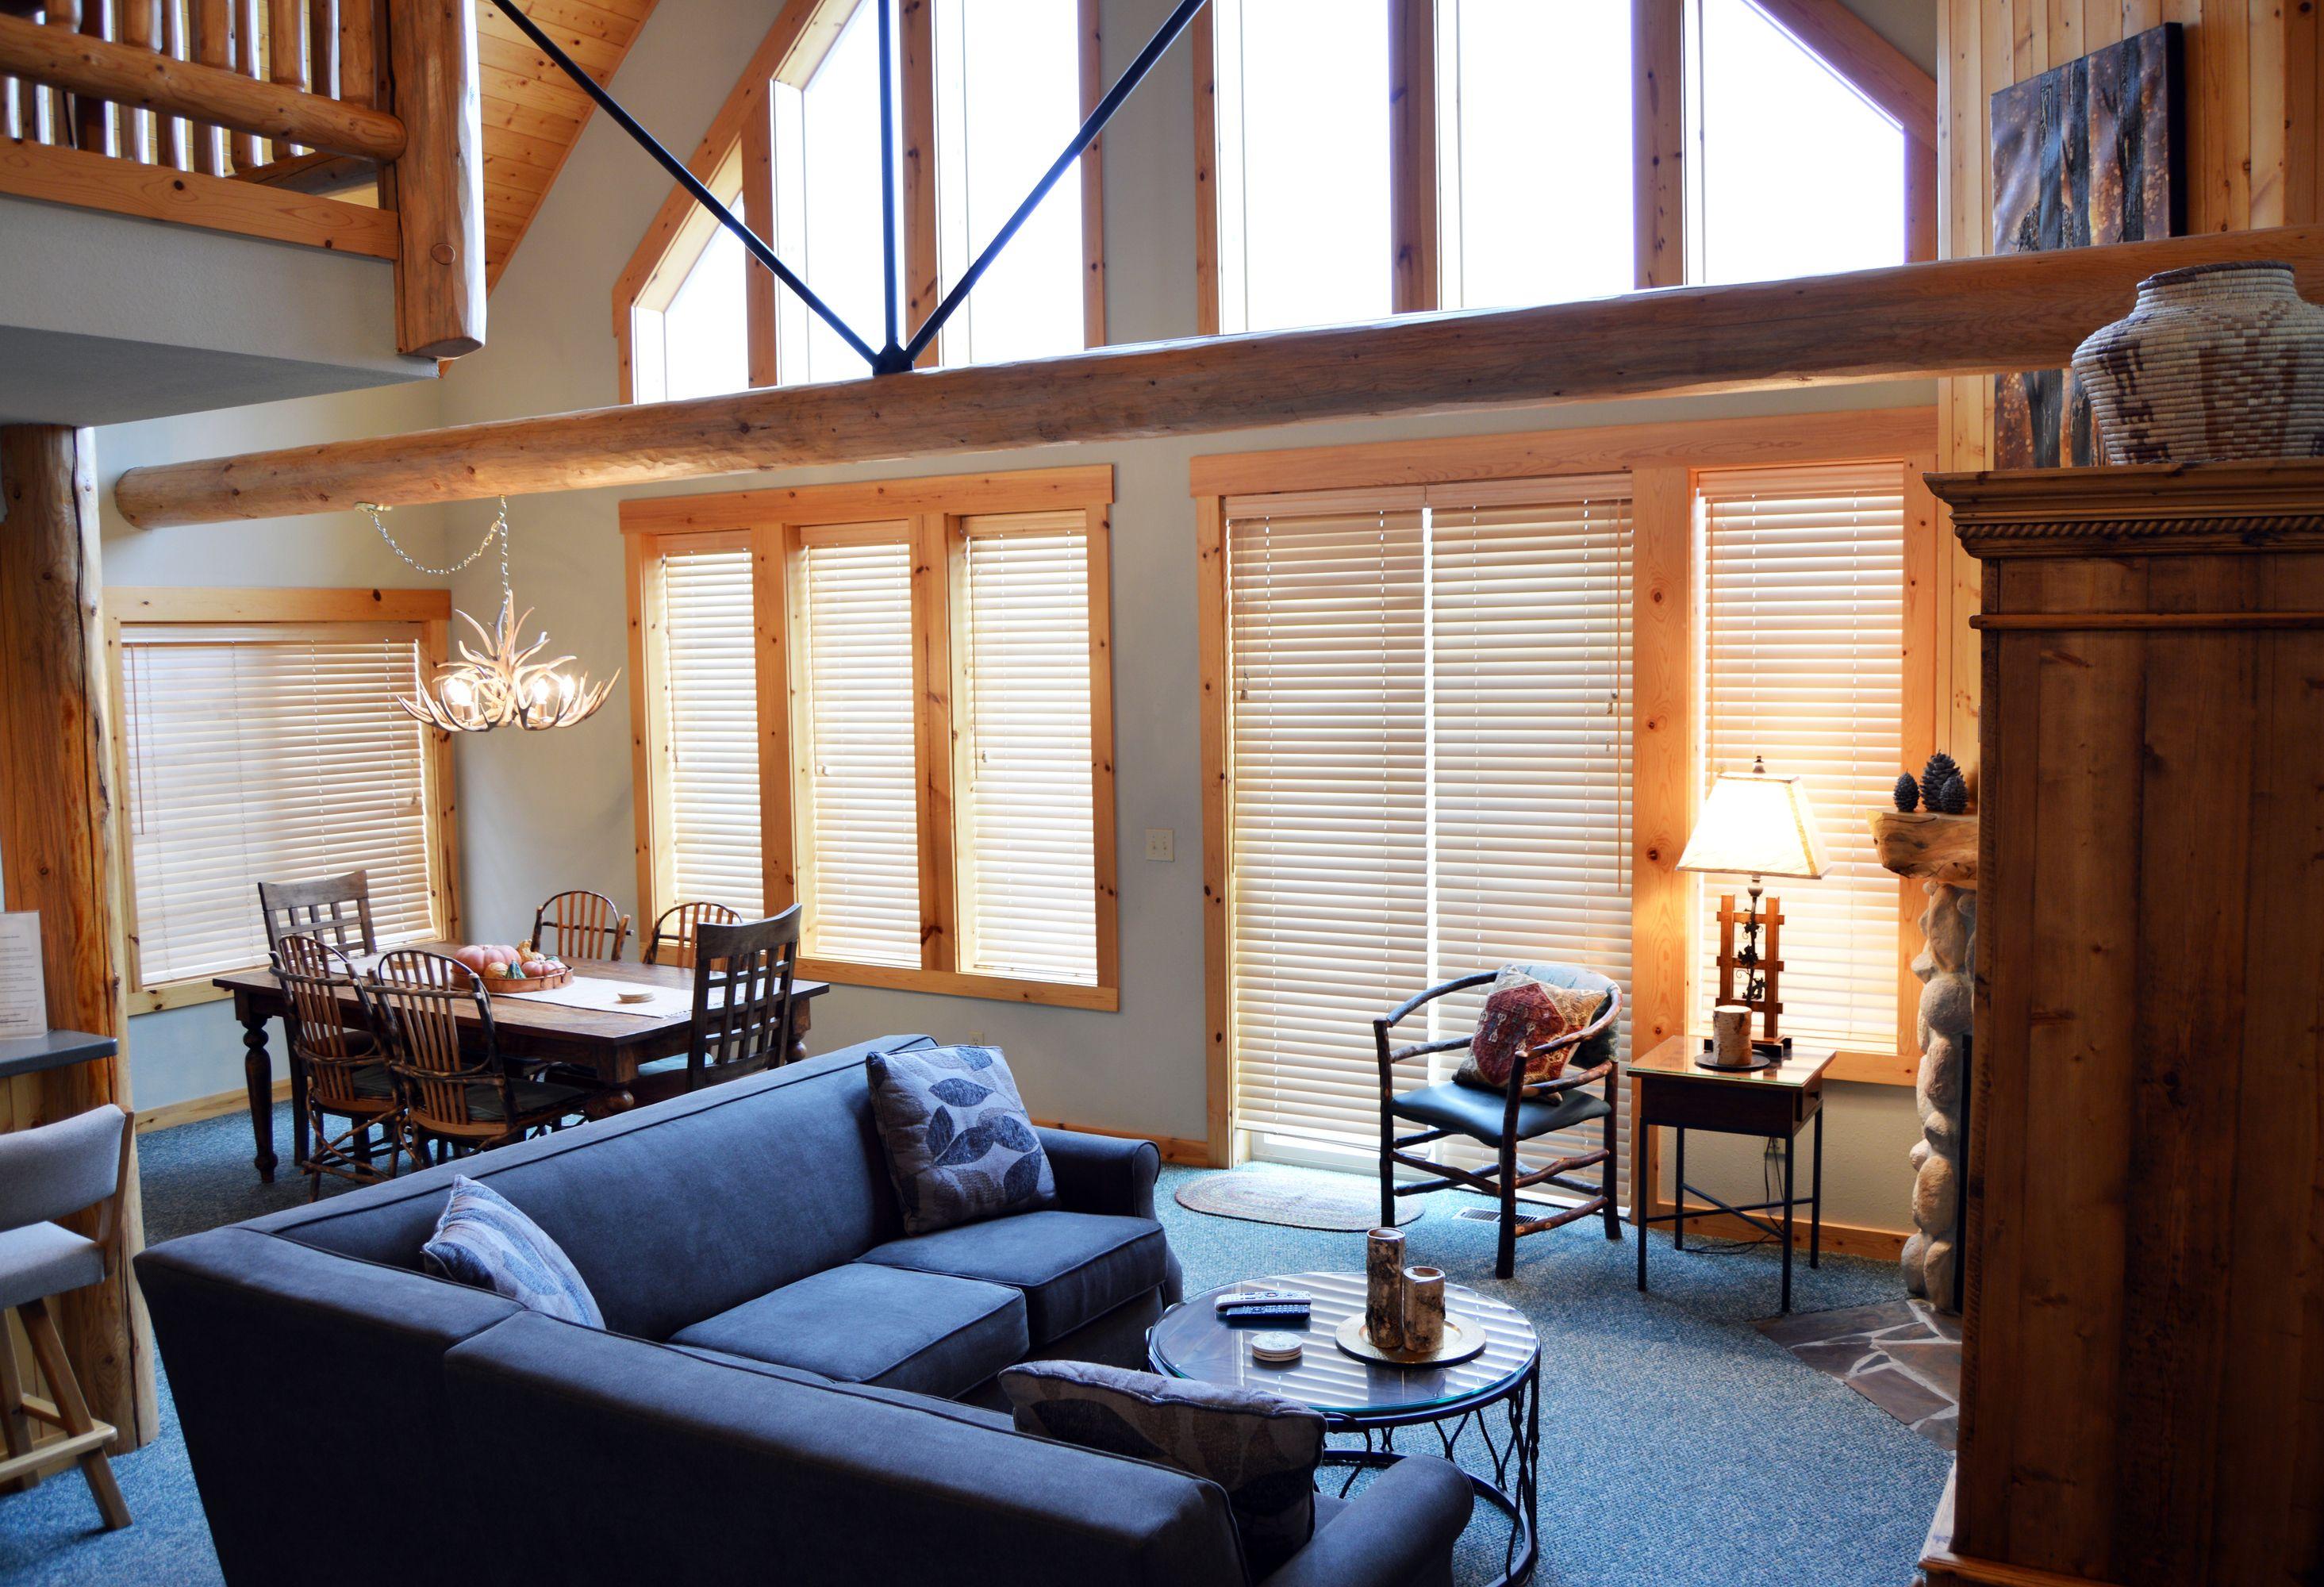 Running y ranch resort vacation rentals located in